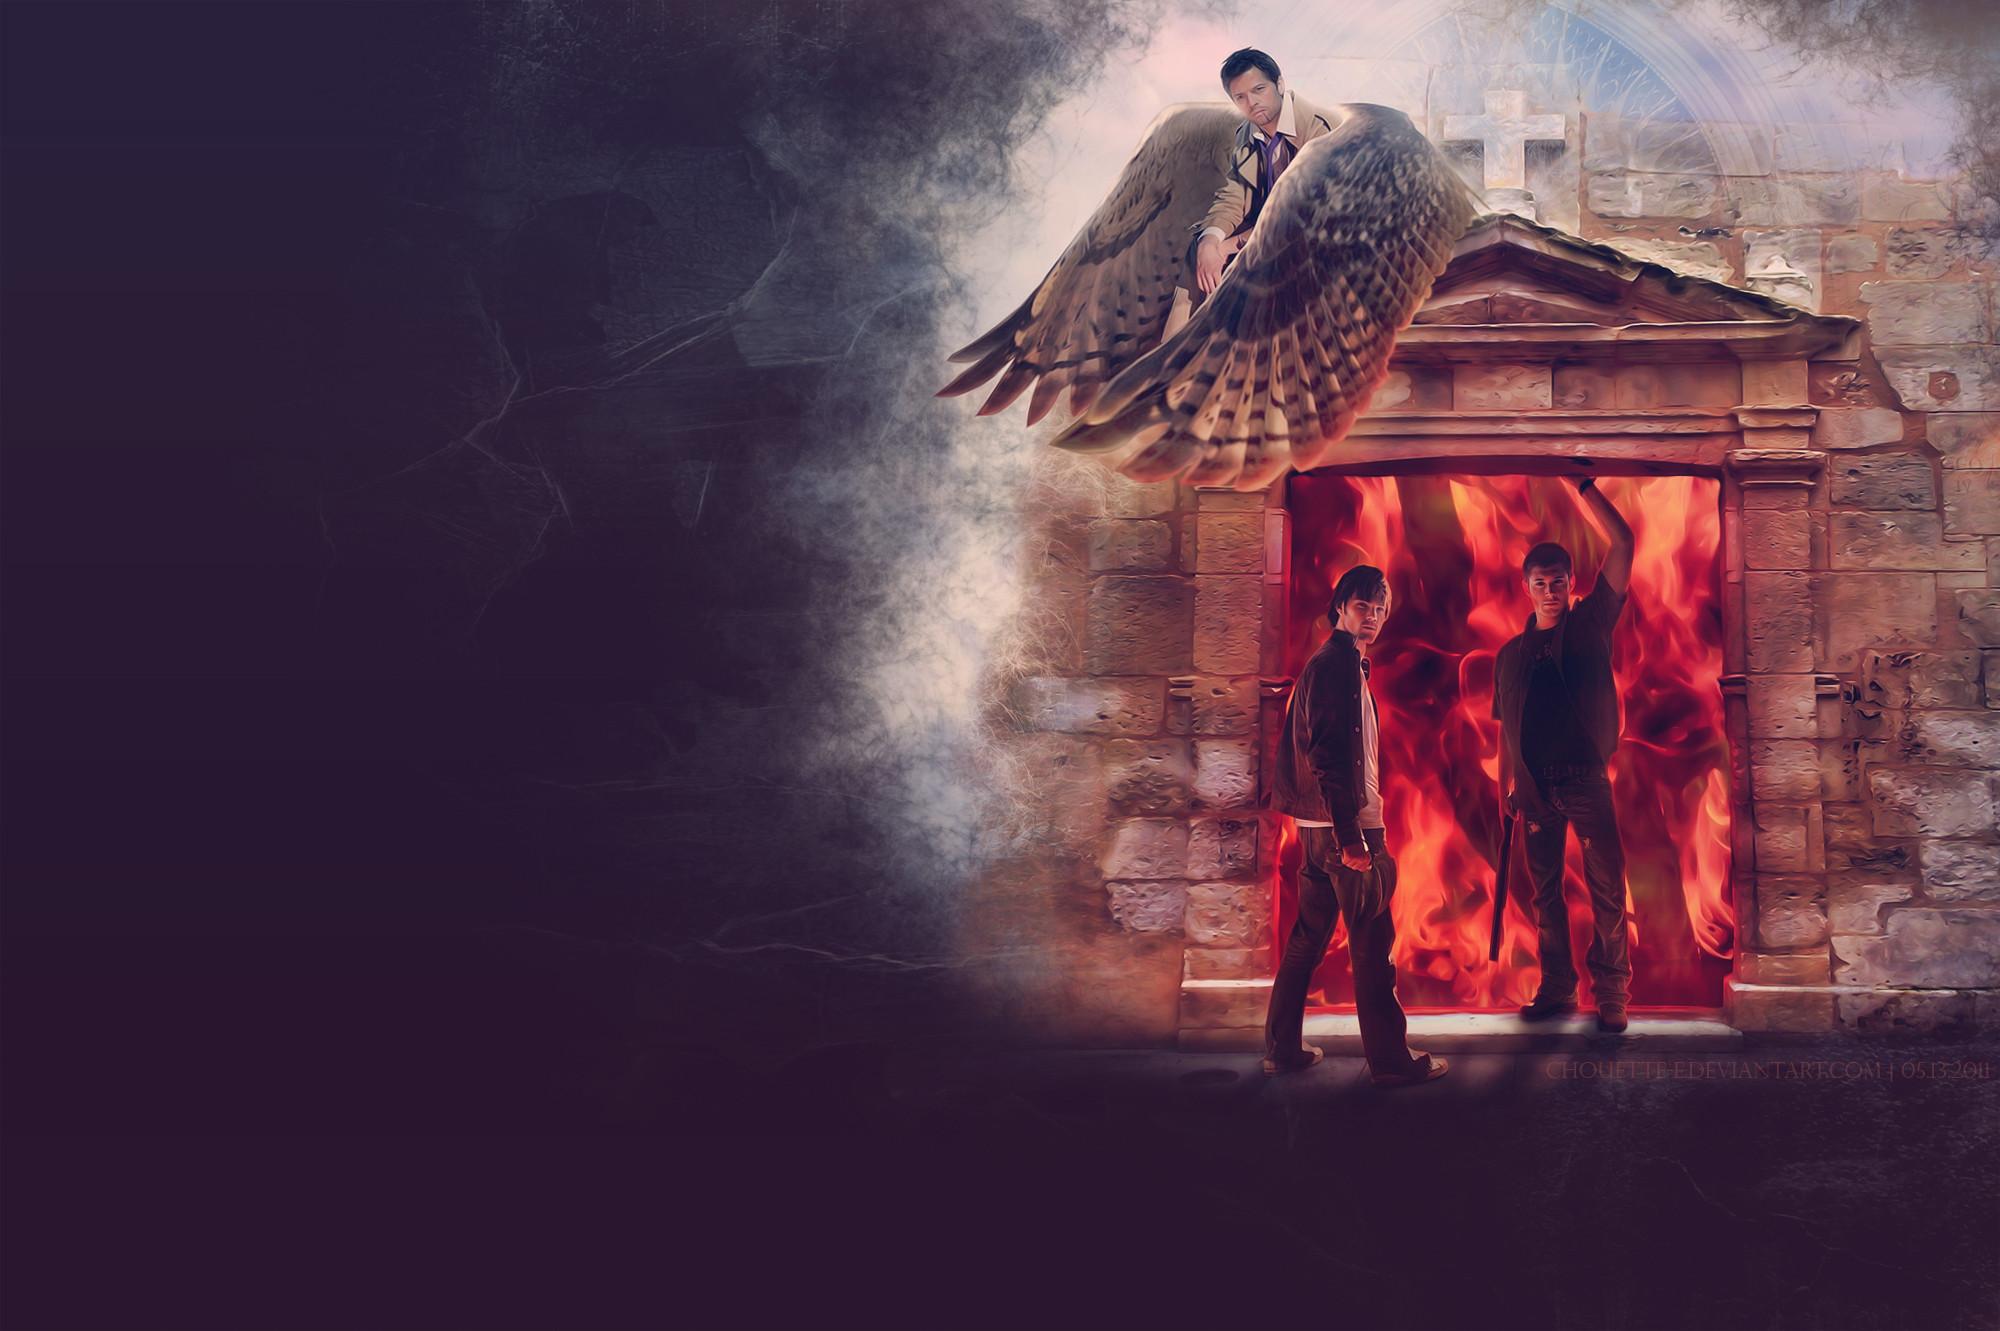 Supernatural   Supernatural   Pinterest   Dean o'gorman, Cas and Jared  padalecki